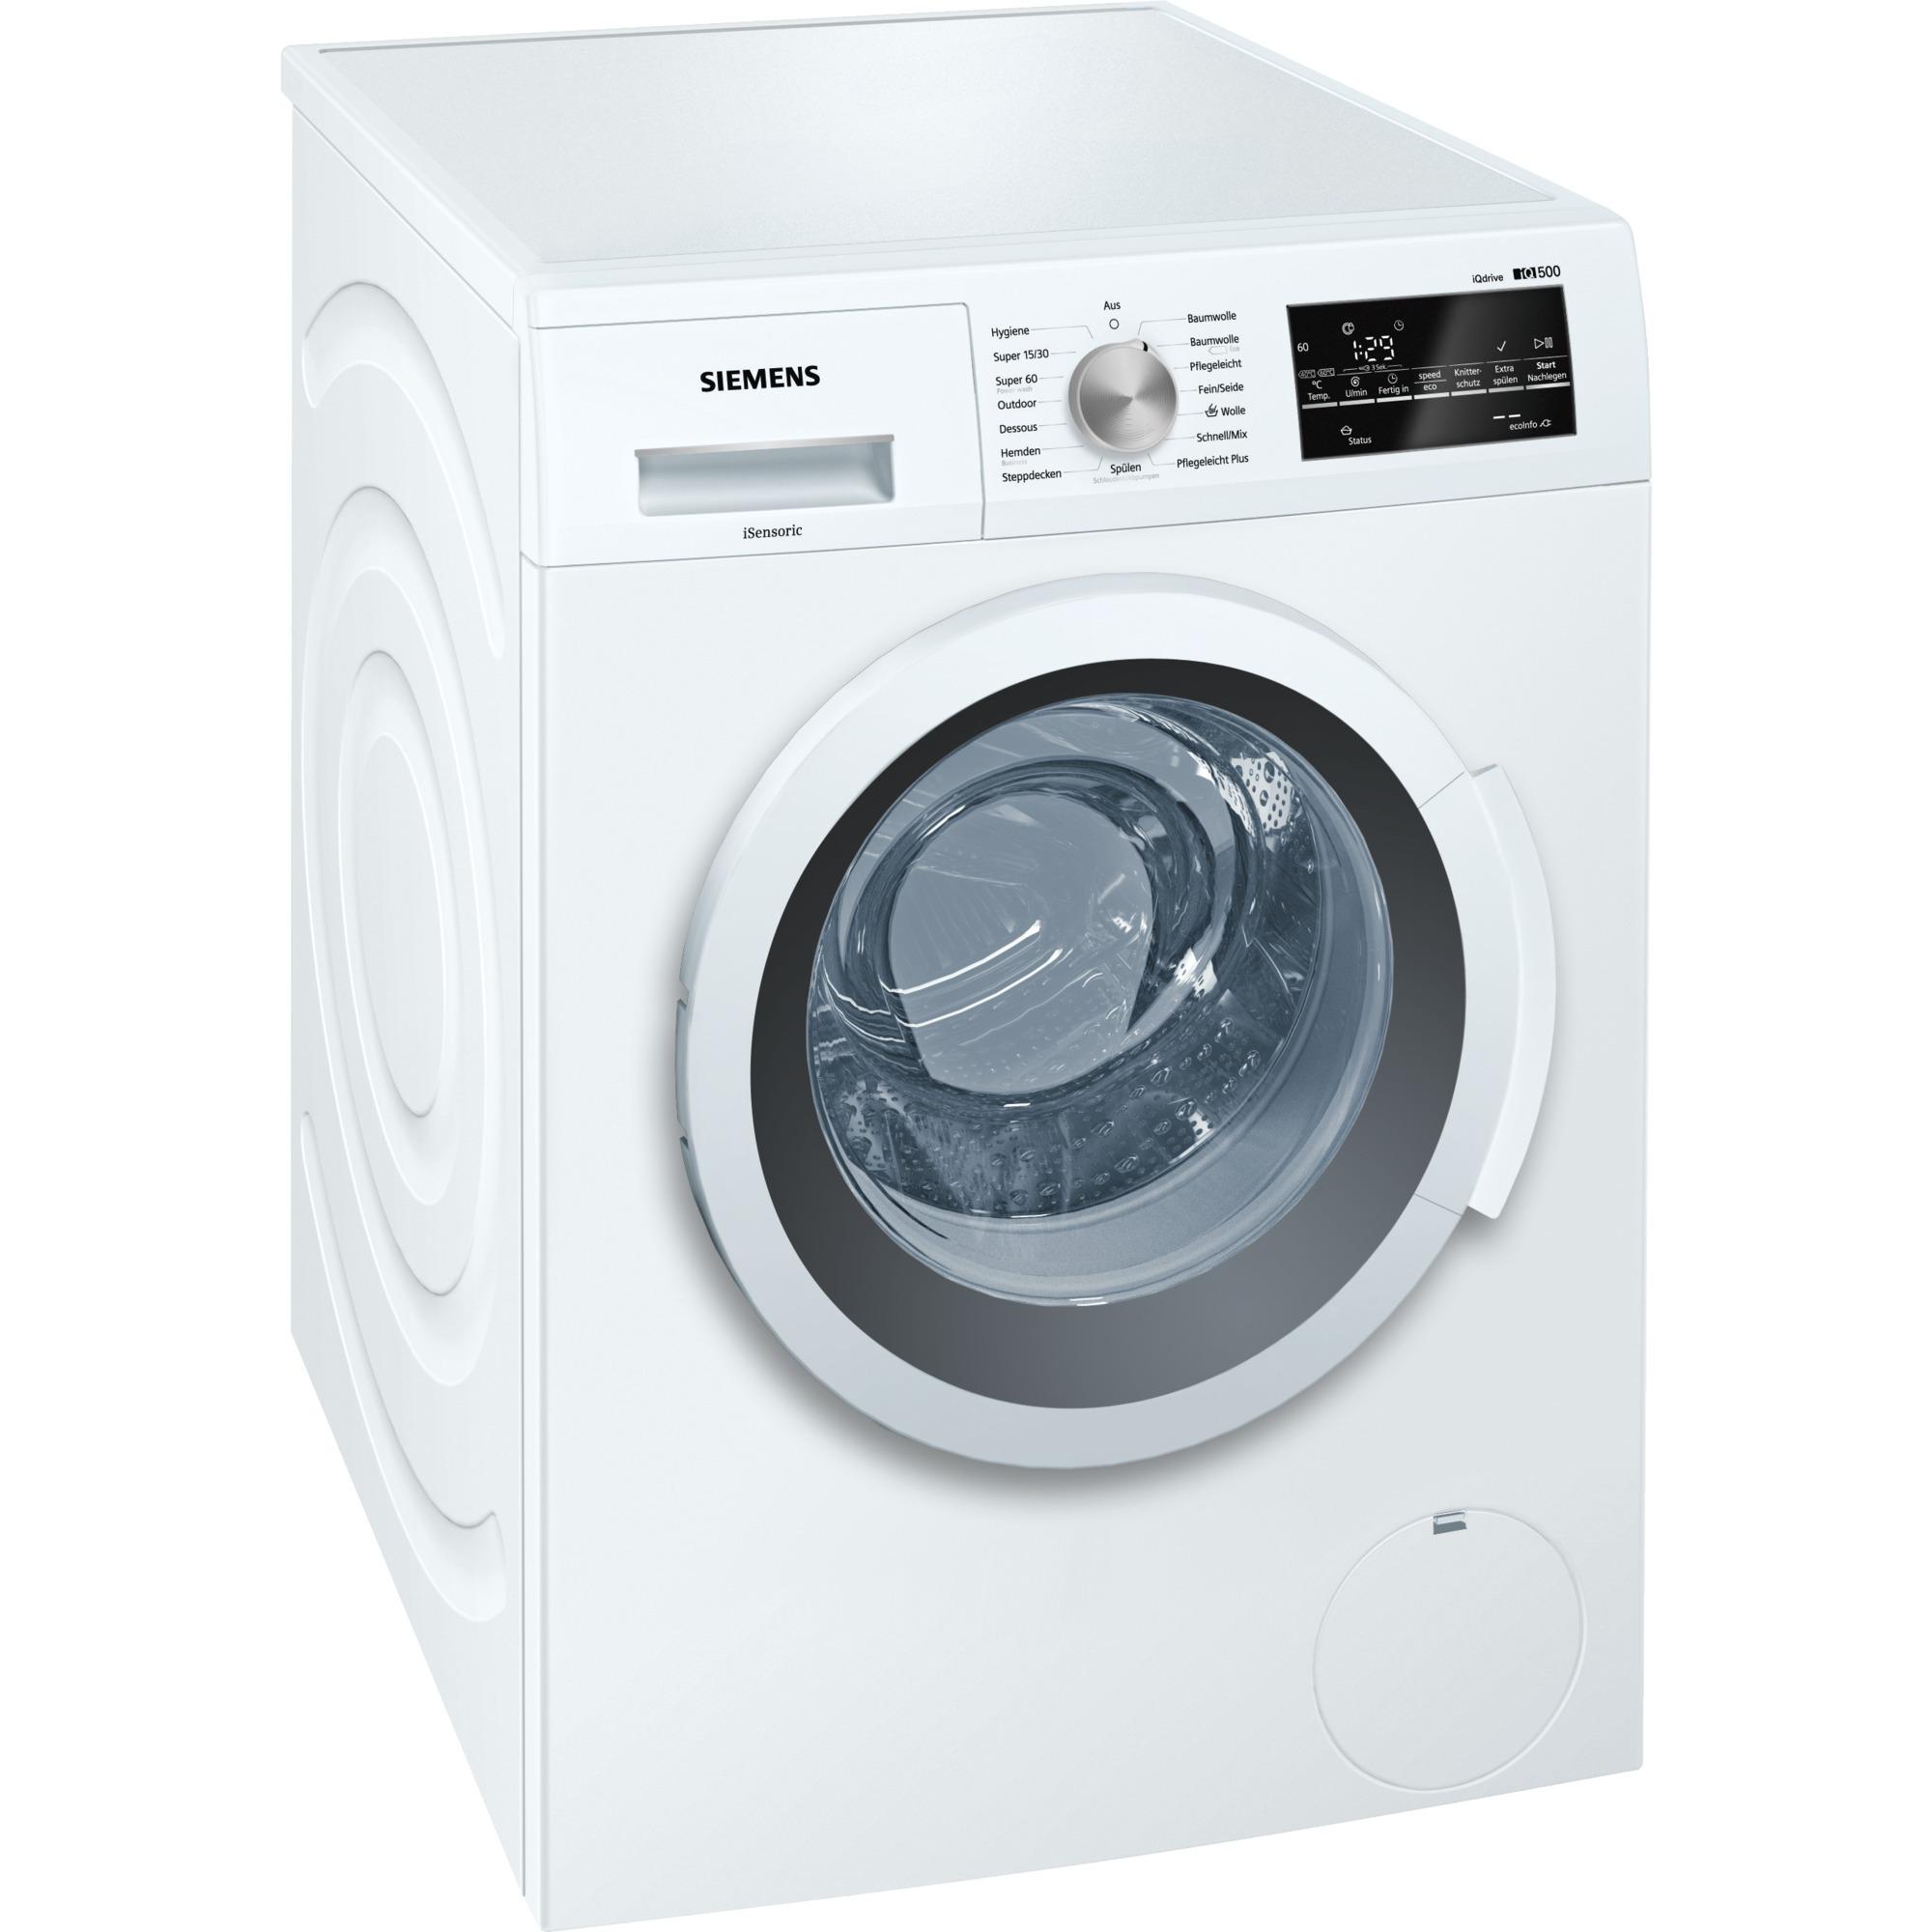 Siemens WM14T420, Waschmaschine